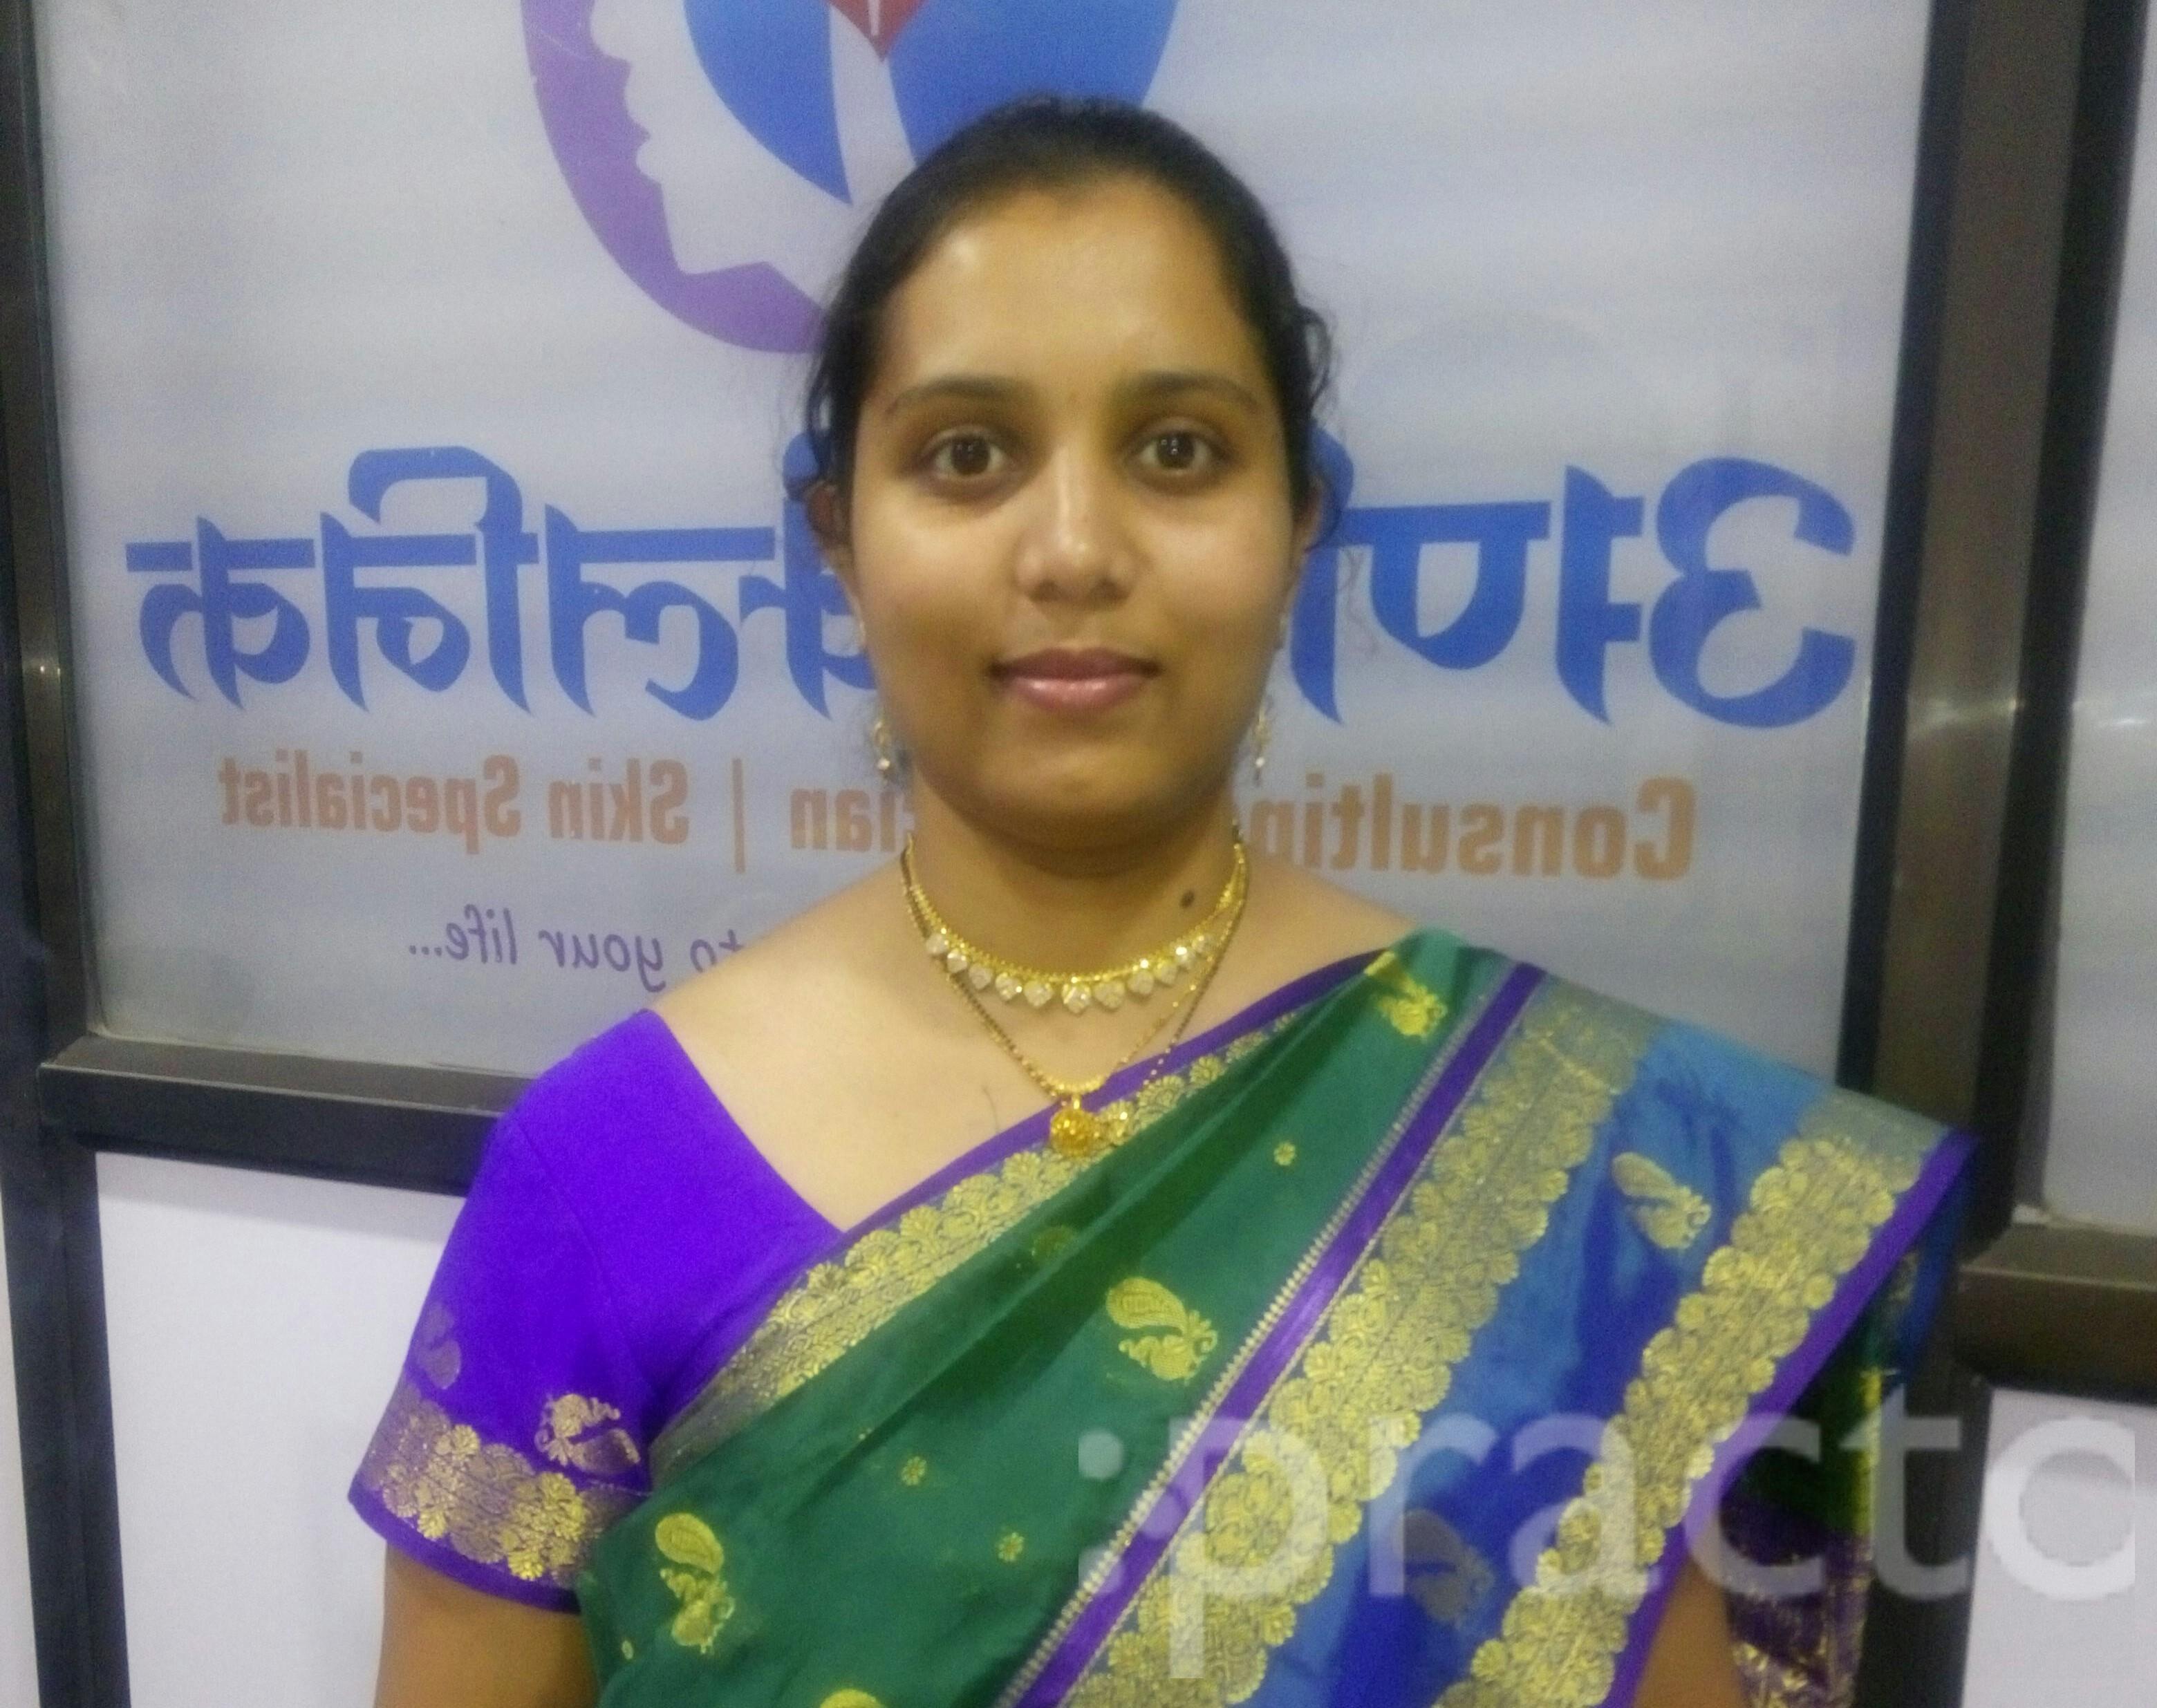 Dr. Amruta Deogirikar - Dermatologist